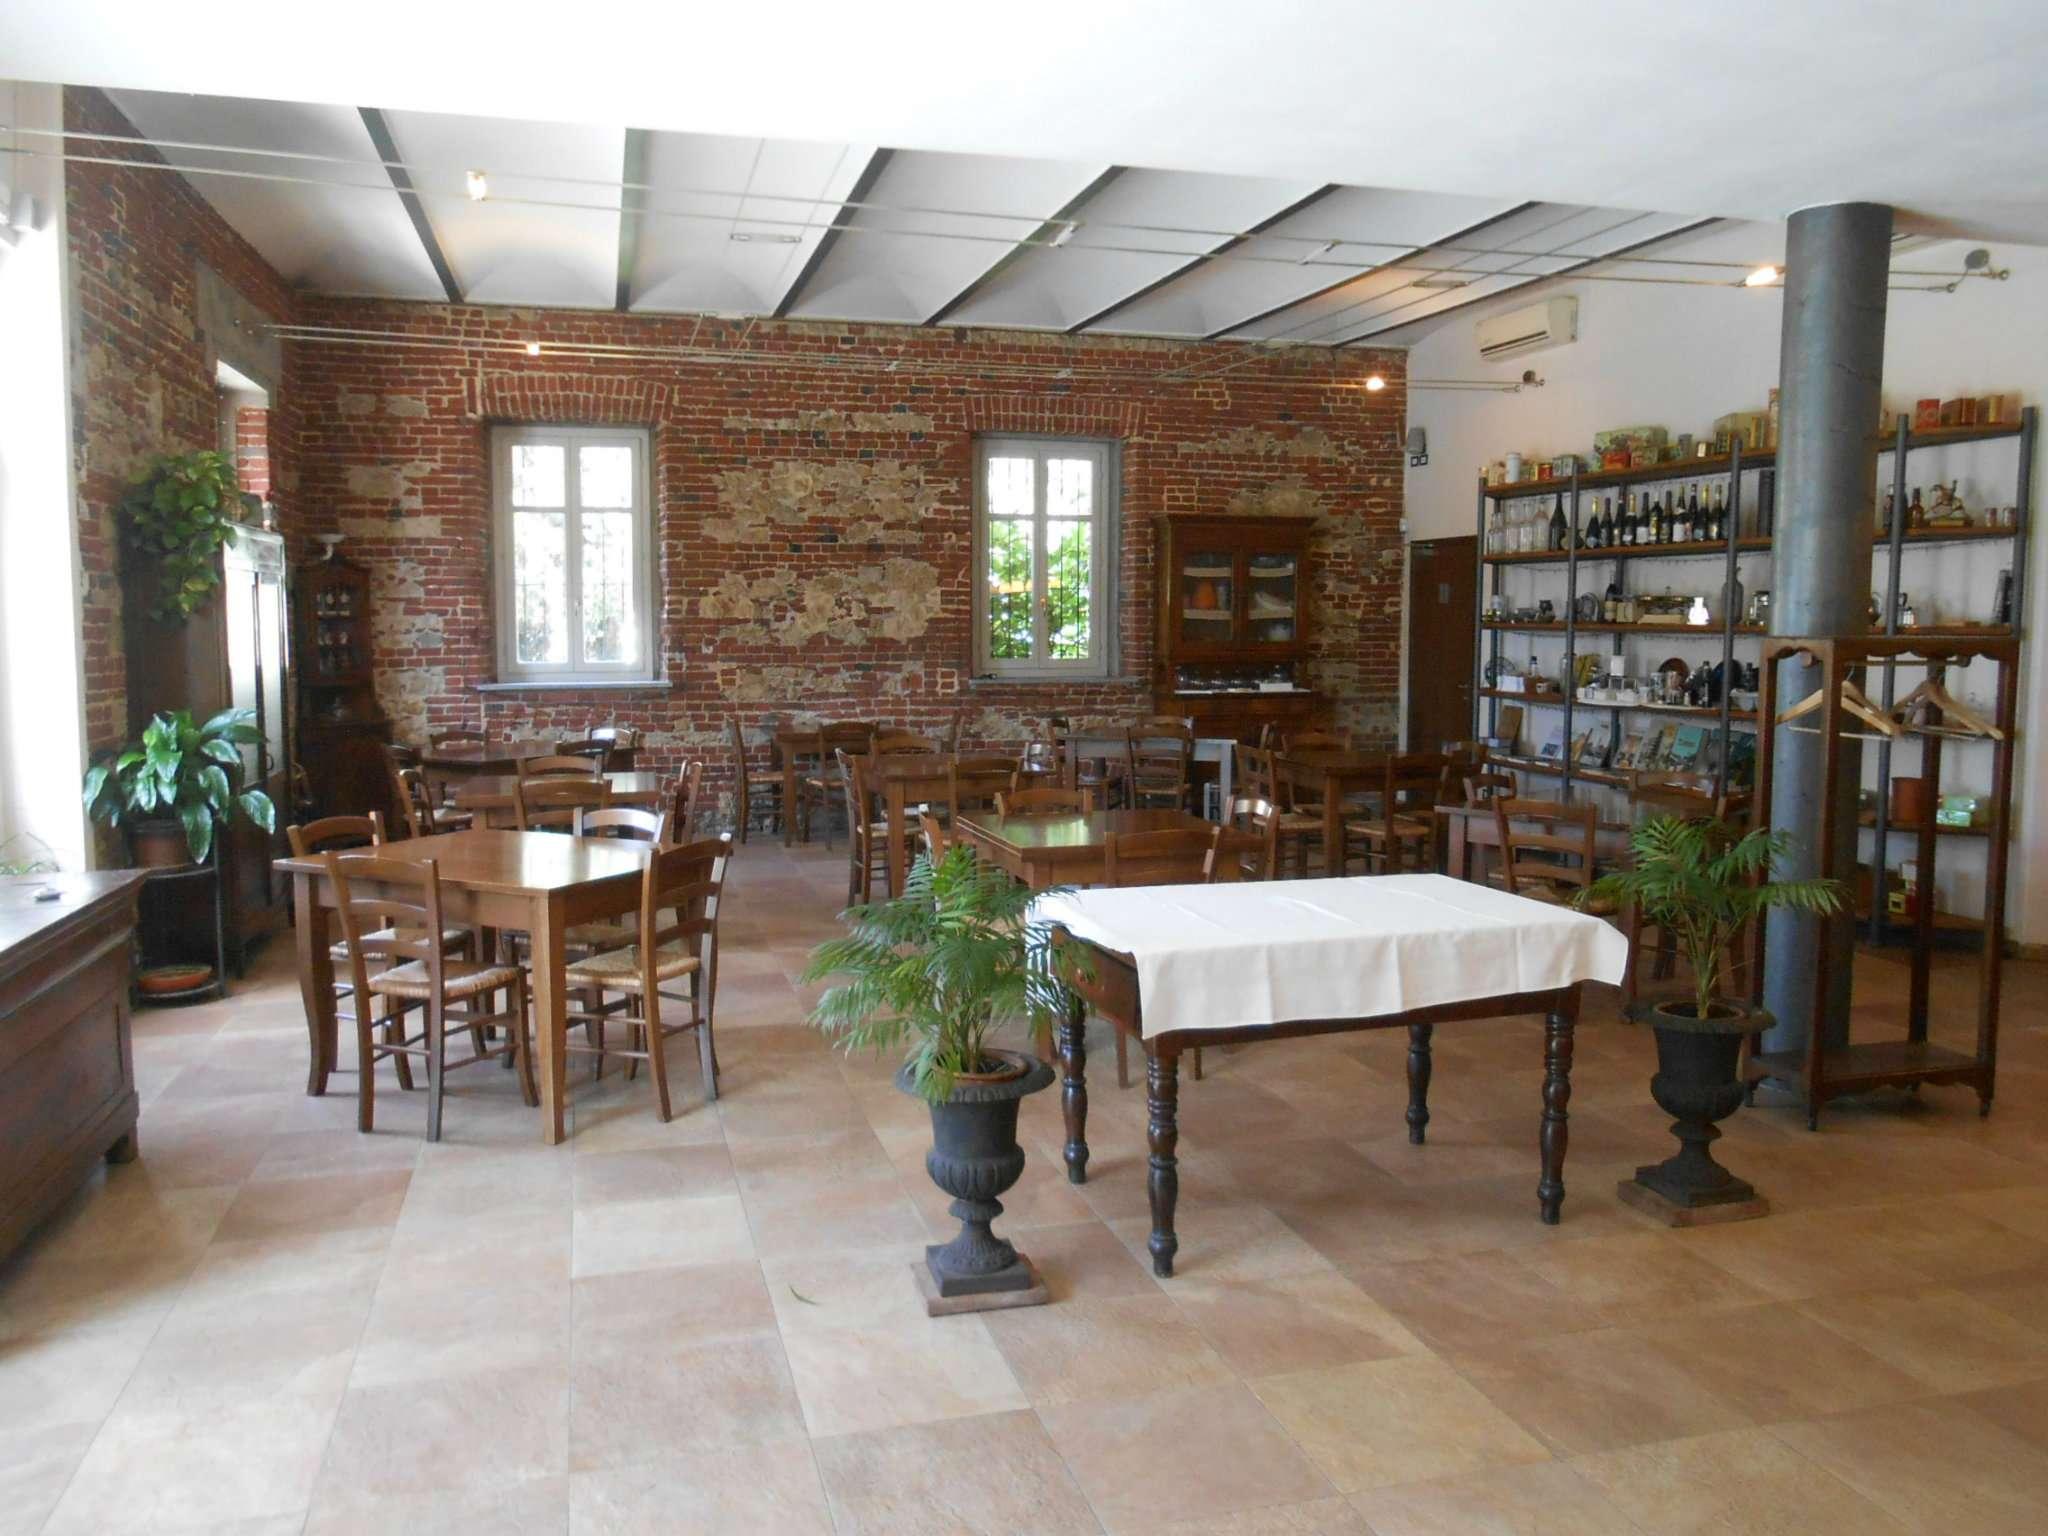 Ristorante / Pizzeria / Trattoria in vendita a Castelnuovo Don Bosco, 4 locali, Trattative riservate | CambioCasa.it